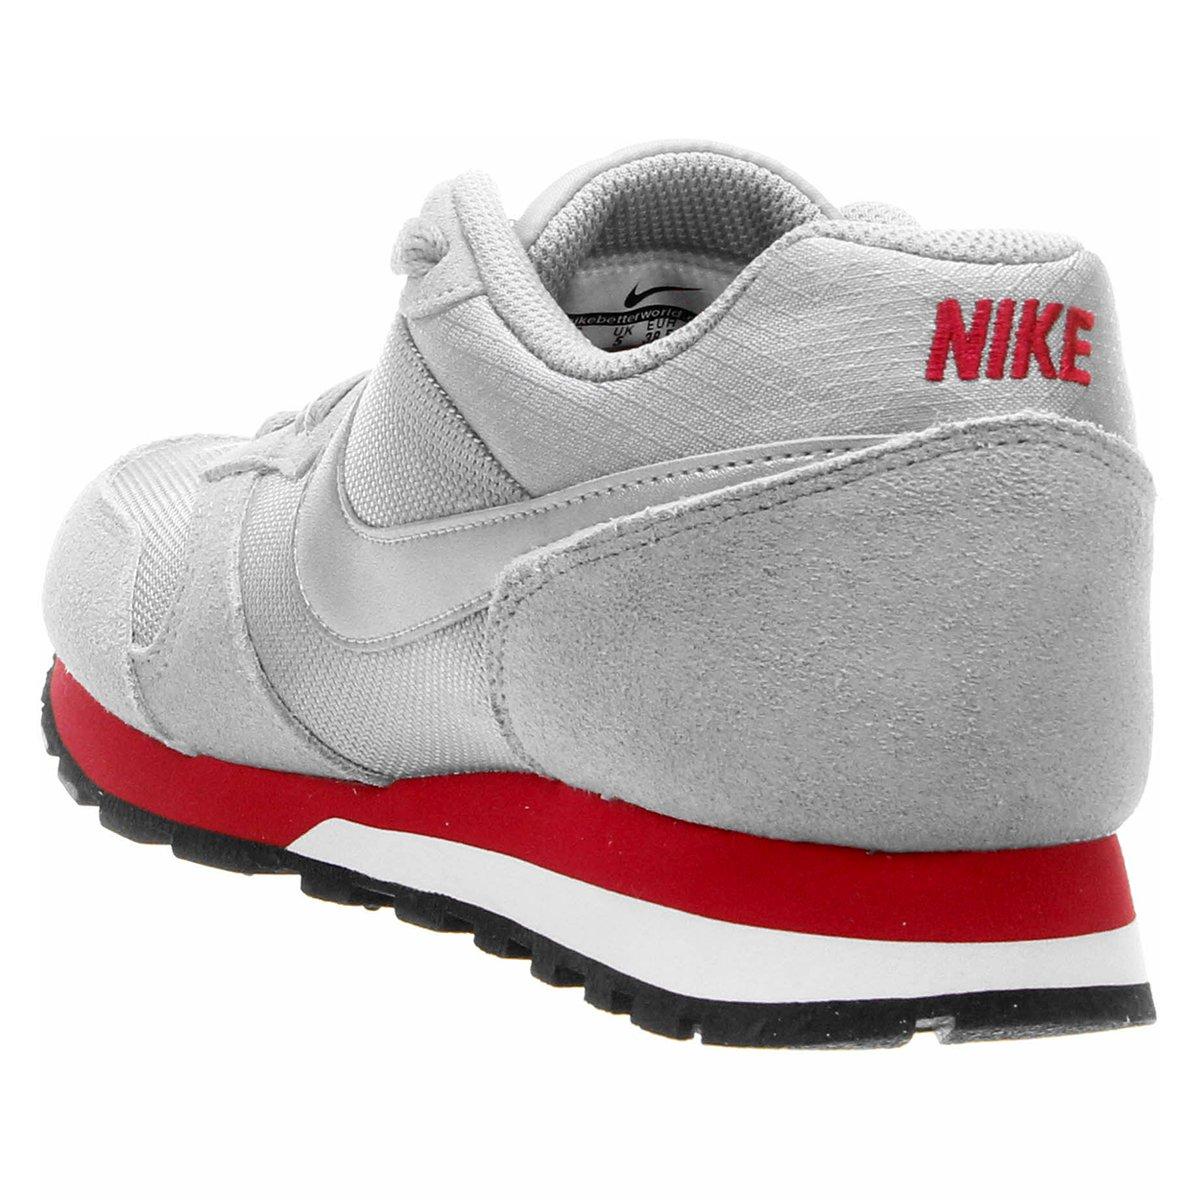 Tênis Nike Md Runner 2 Feminino - Cinza e Vermelho - Compre Agora ... 3d1d79572e80b